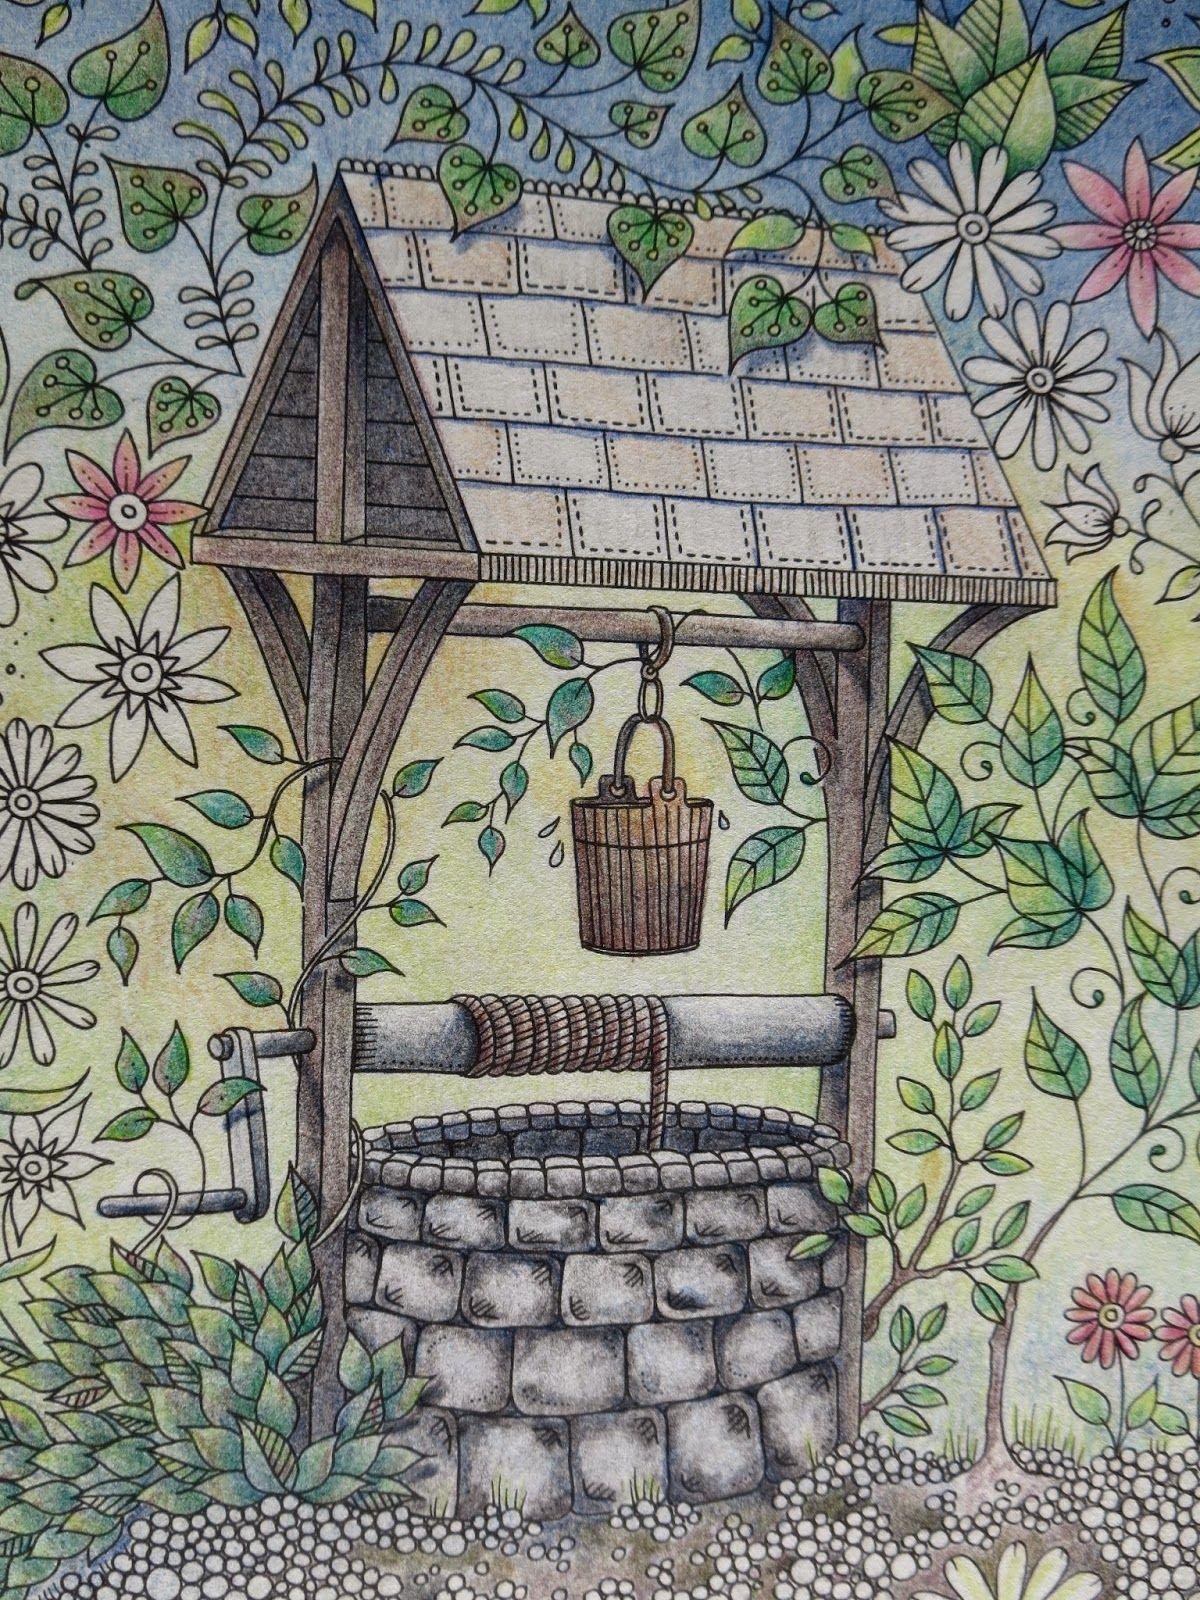 pion for pencils my secret garden colouring book the well part 2 johanna basford - Secret Garden Coloring Book